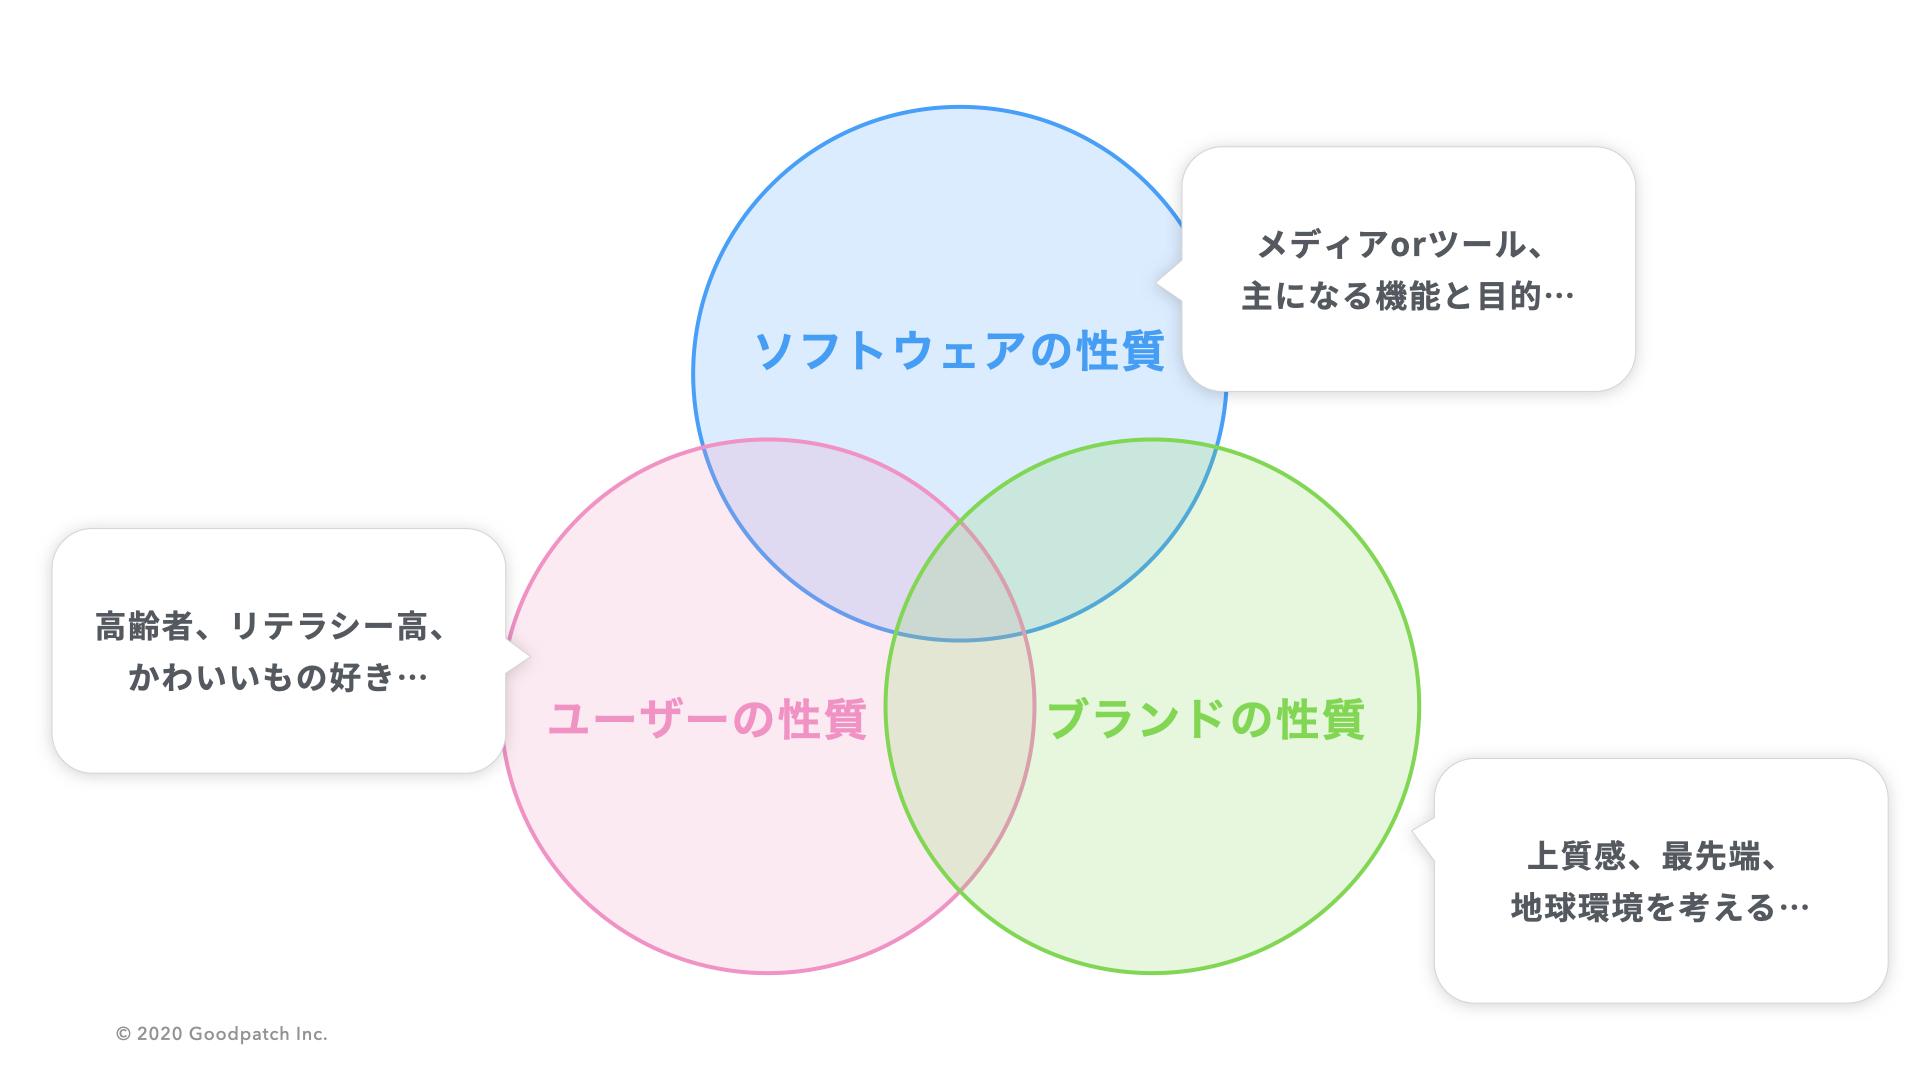 表現における3つの観点